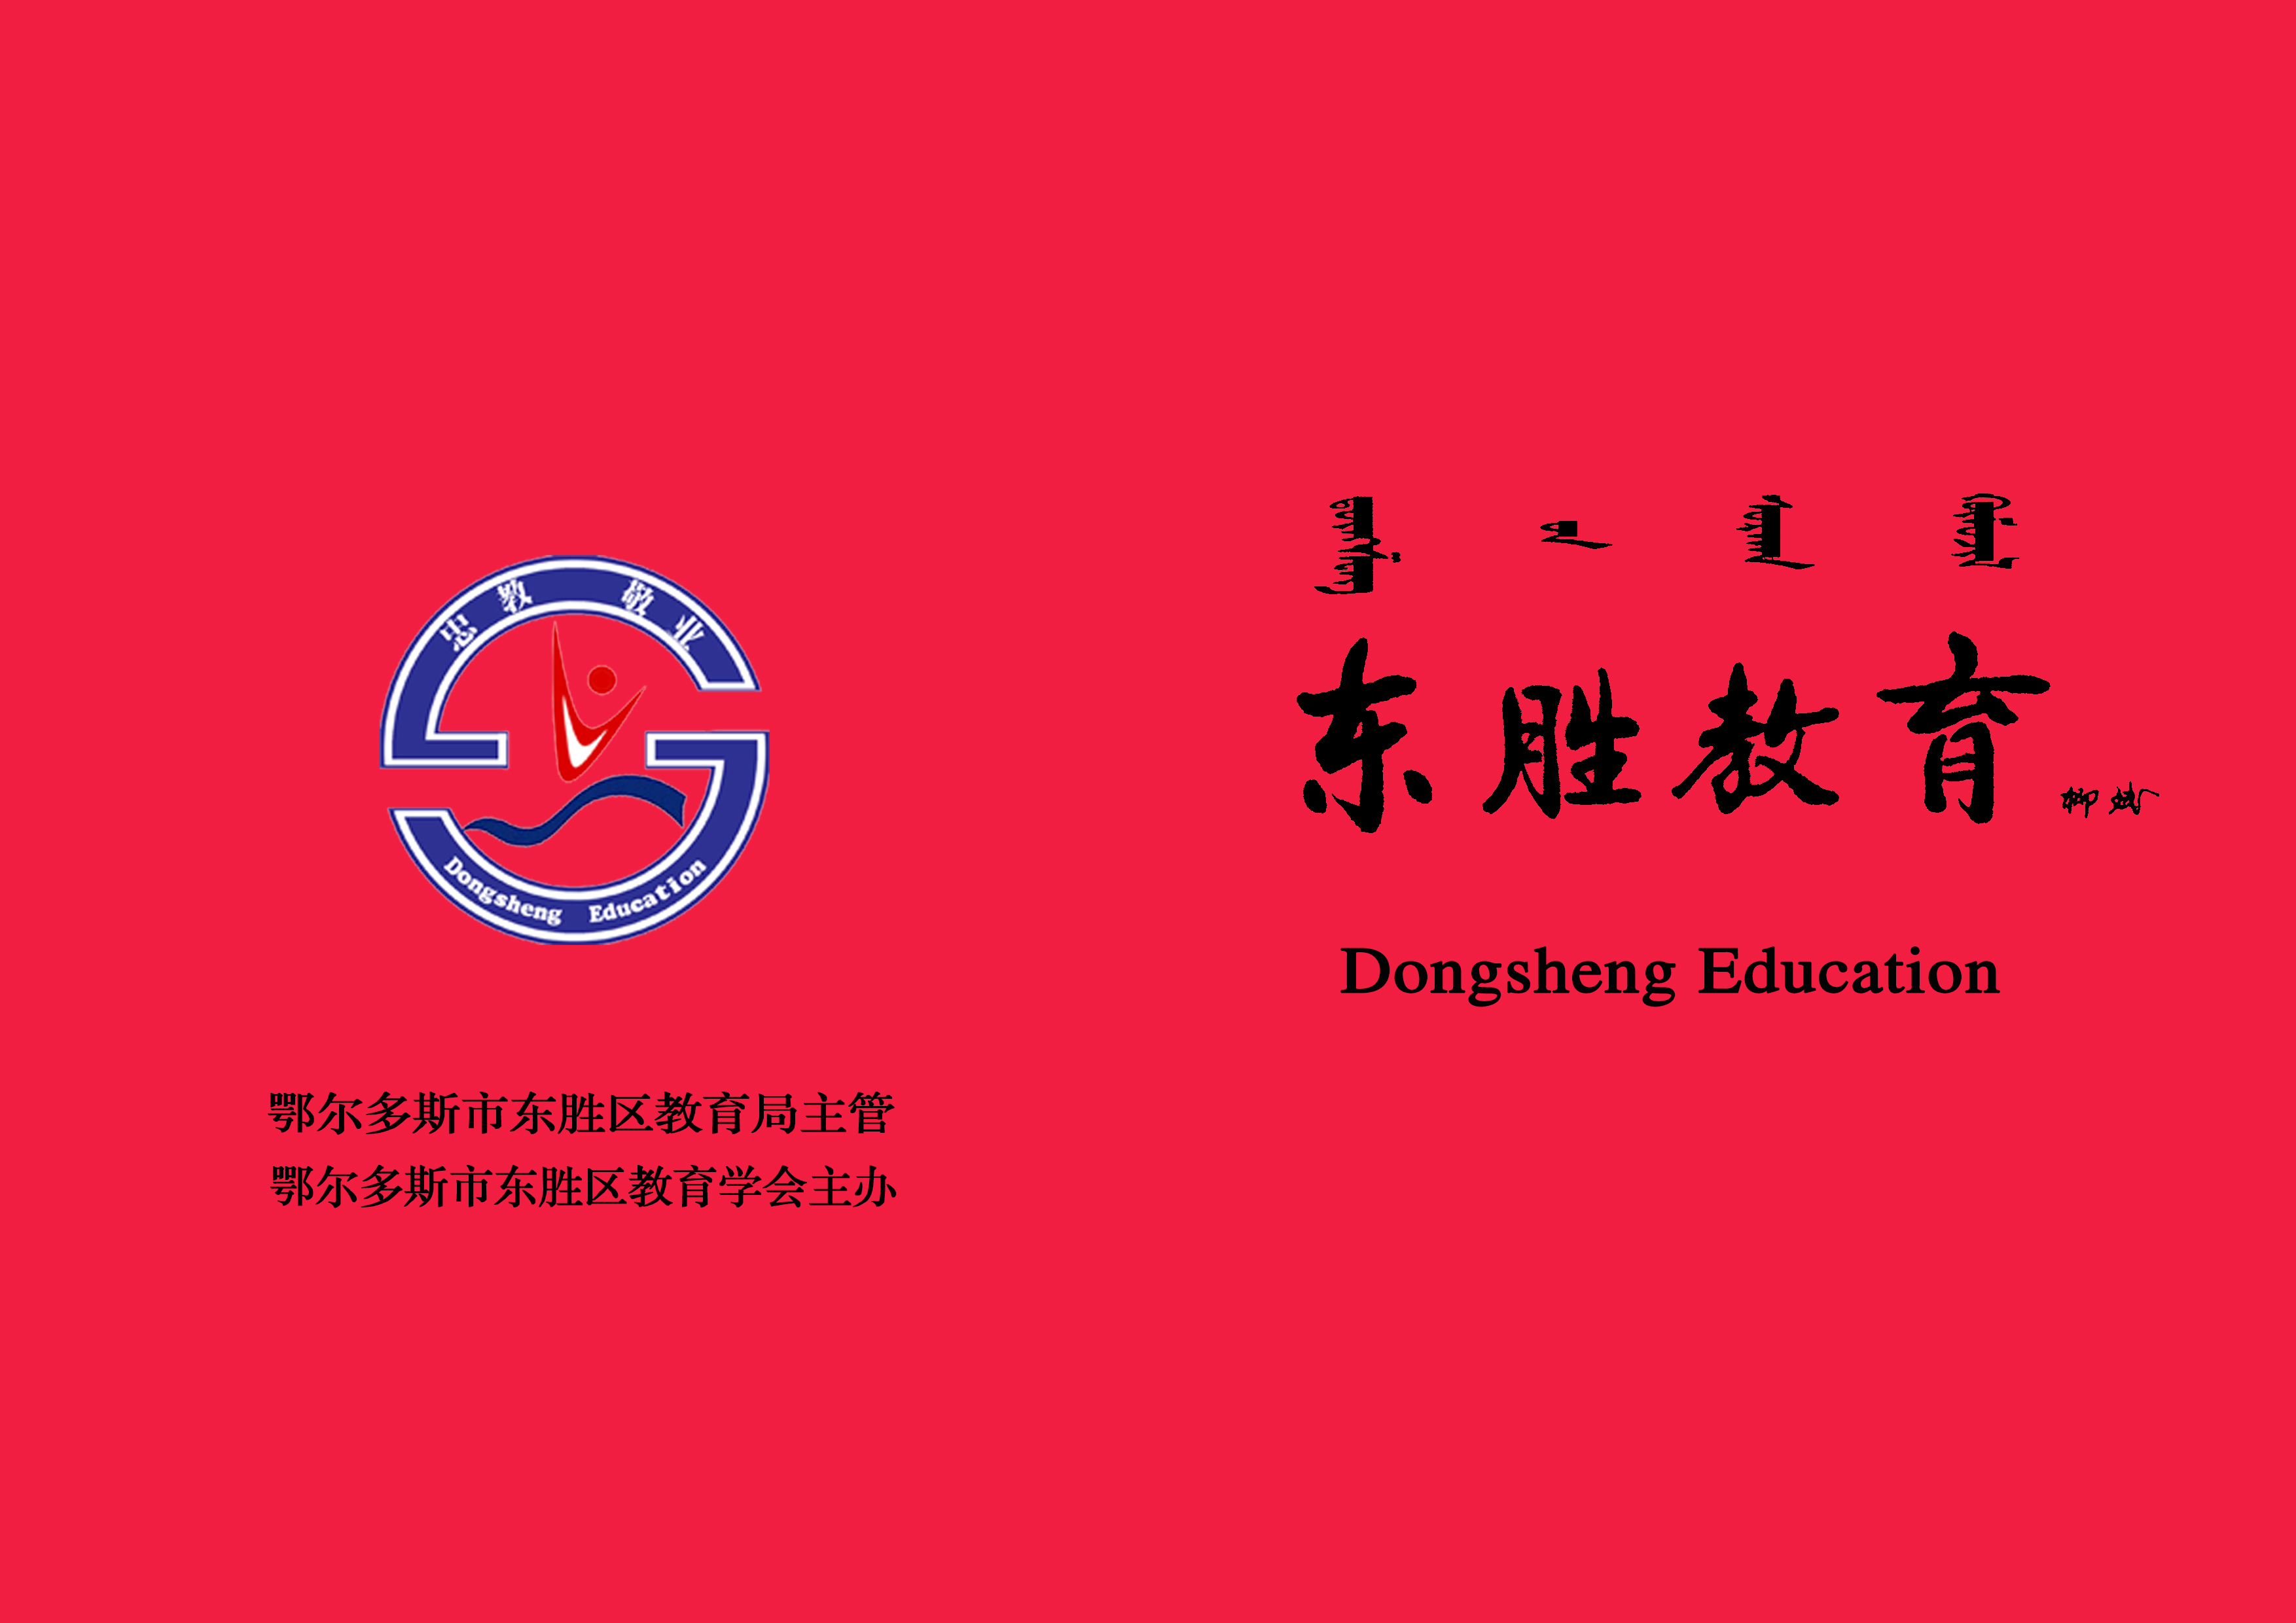 《东胜教育》